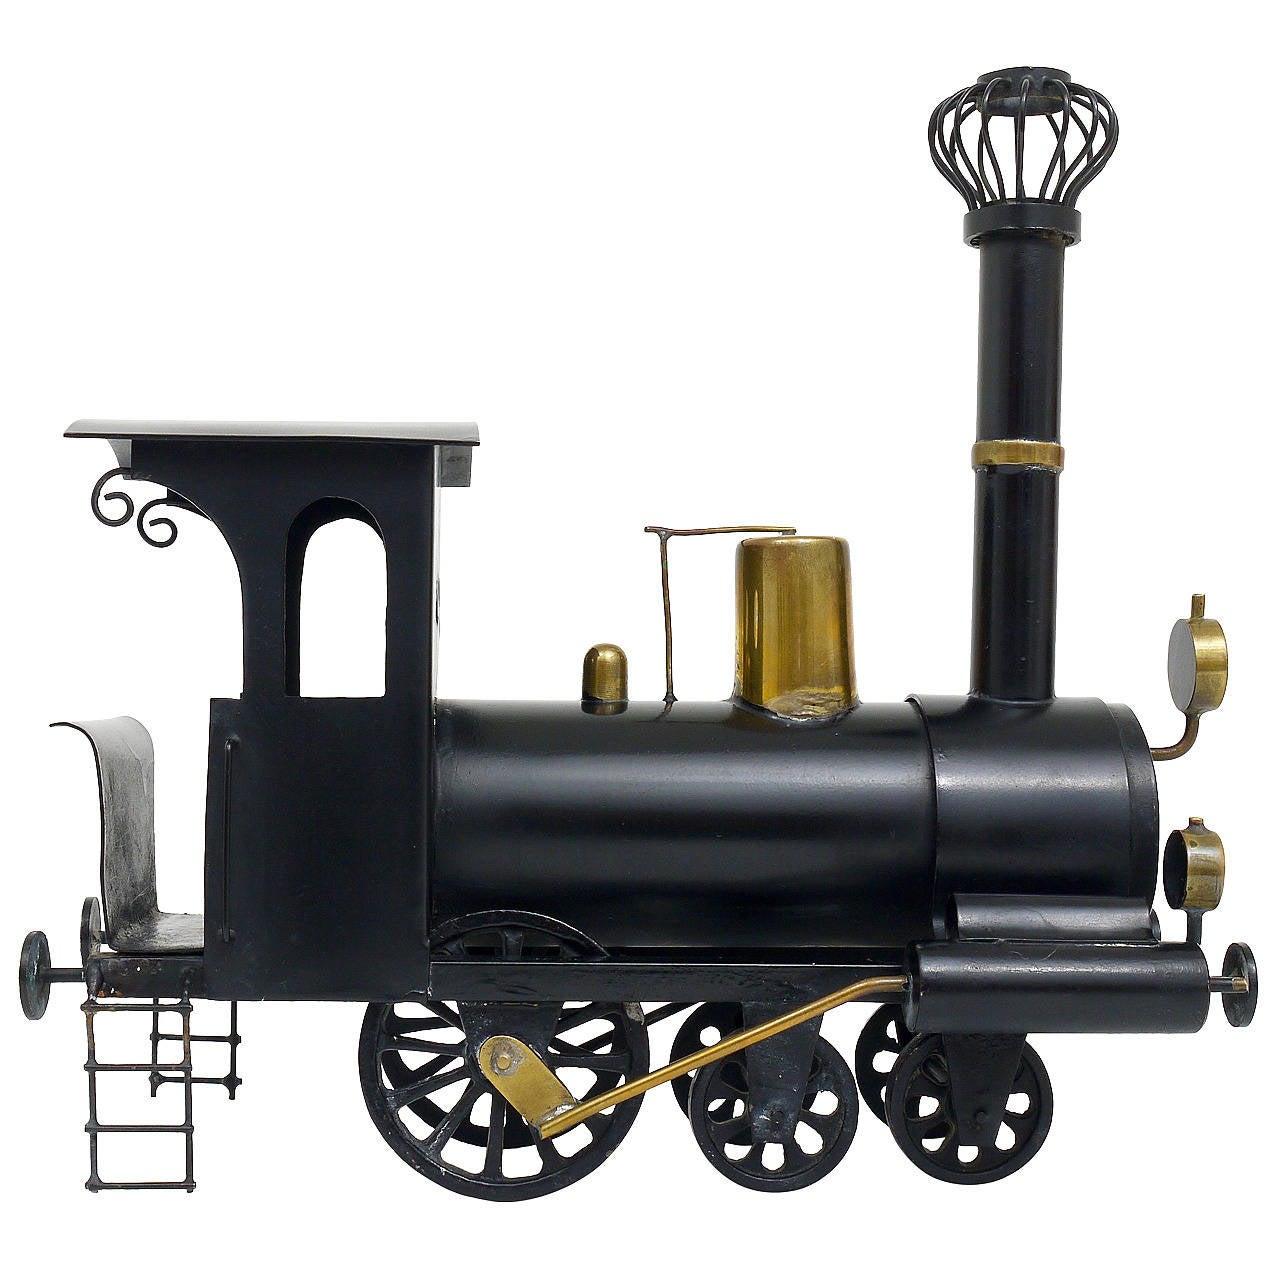 Rare WHW Hagenauer Brass Locomotive Steam Engine, Austria, 1920s For Sale